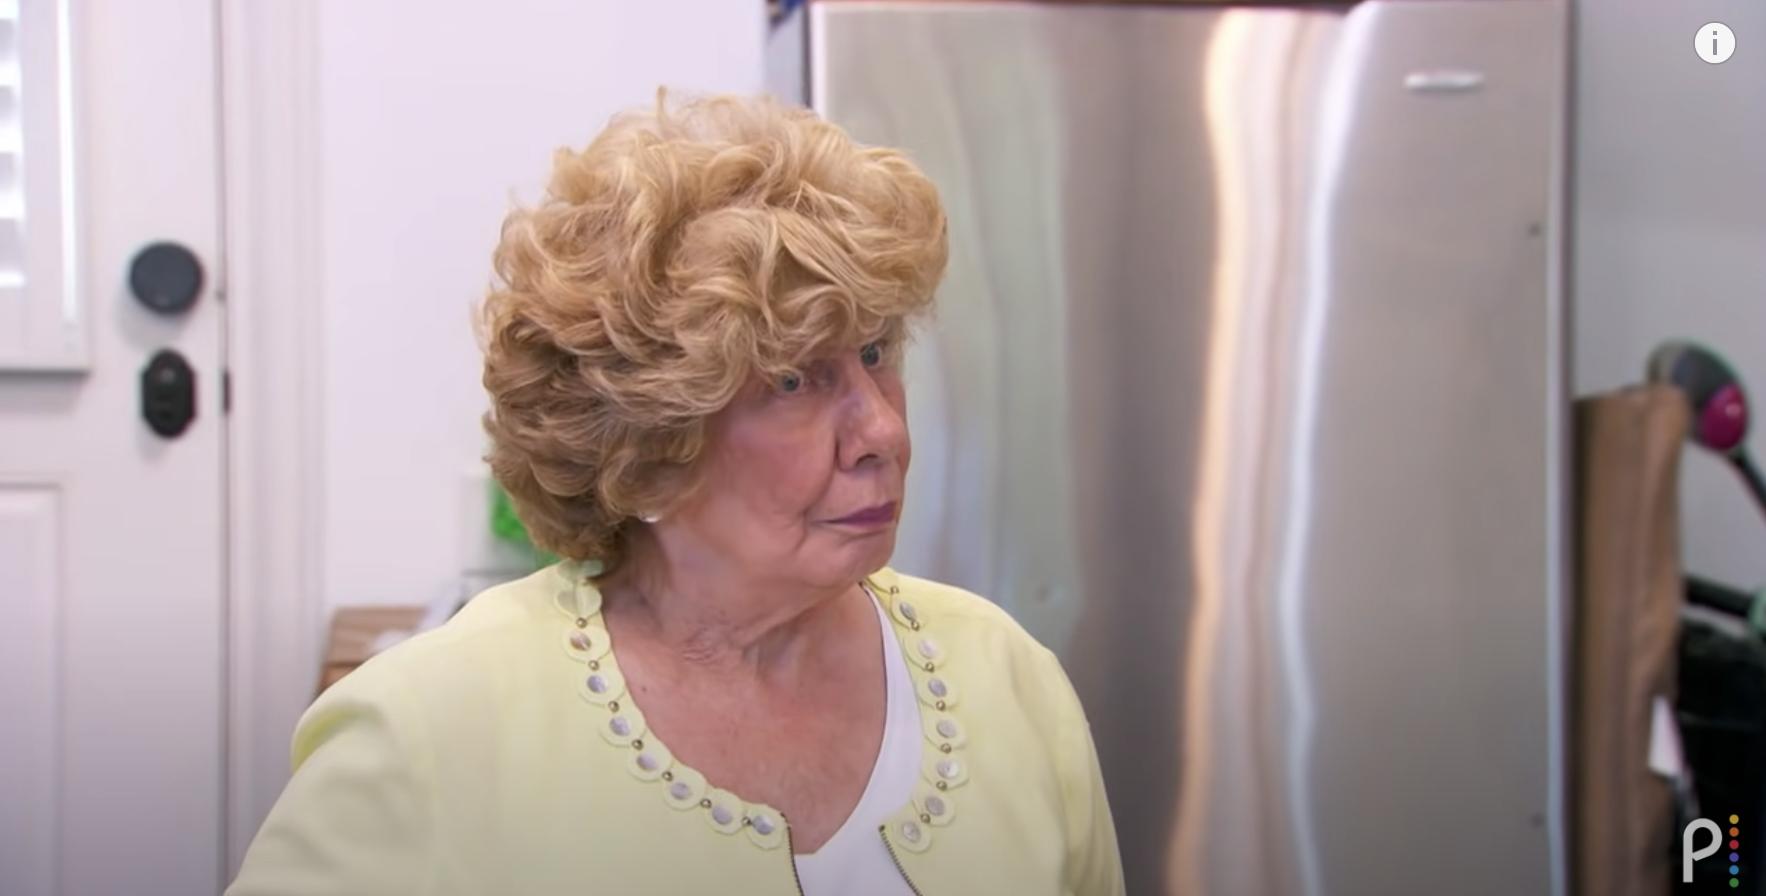 Chrisley Knows Best Nanny Faye rib injury